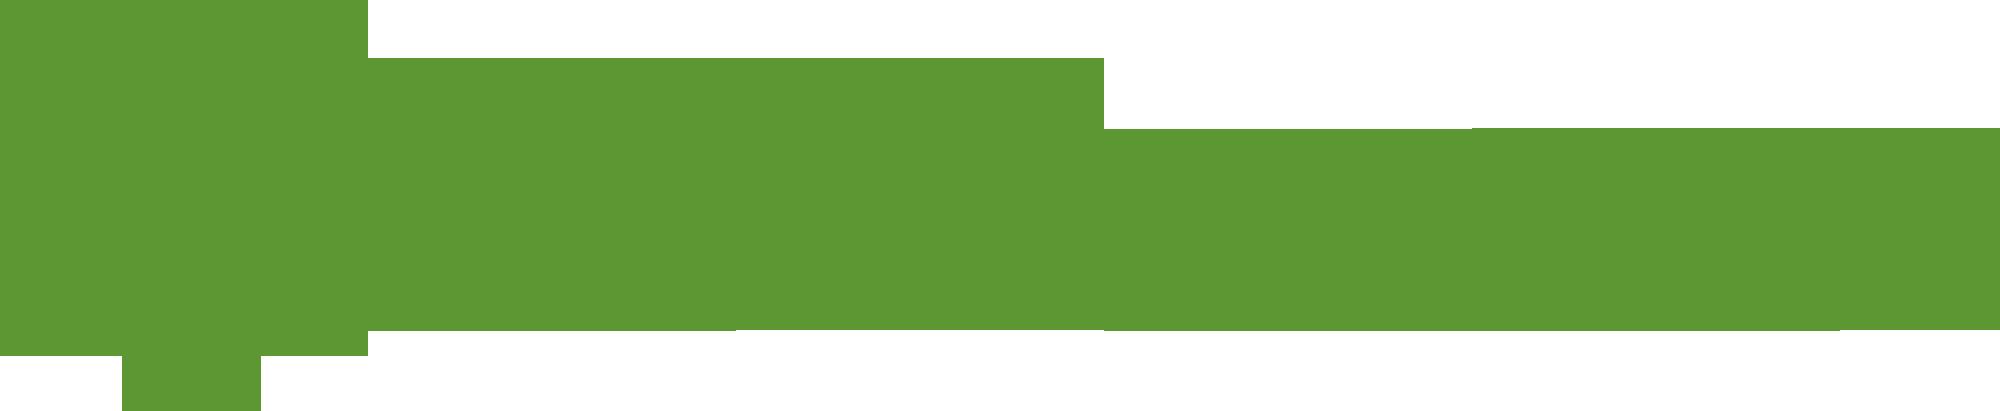 druva-logo-300.png